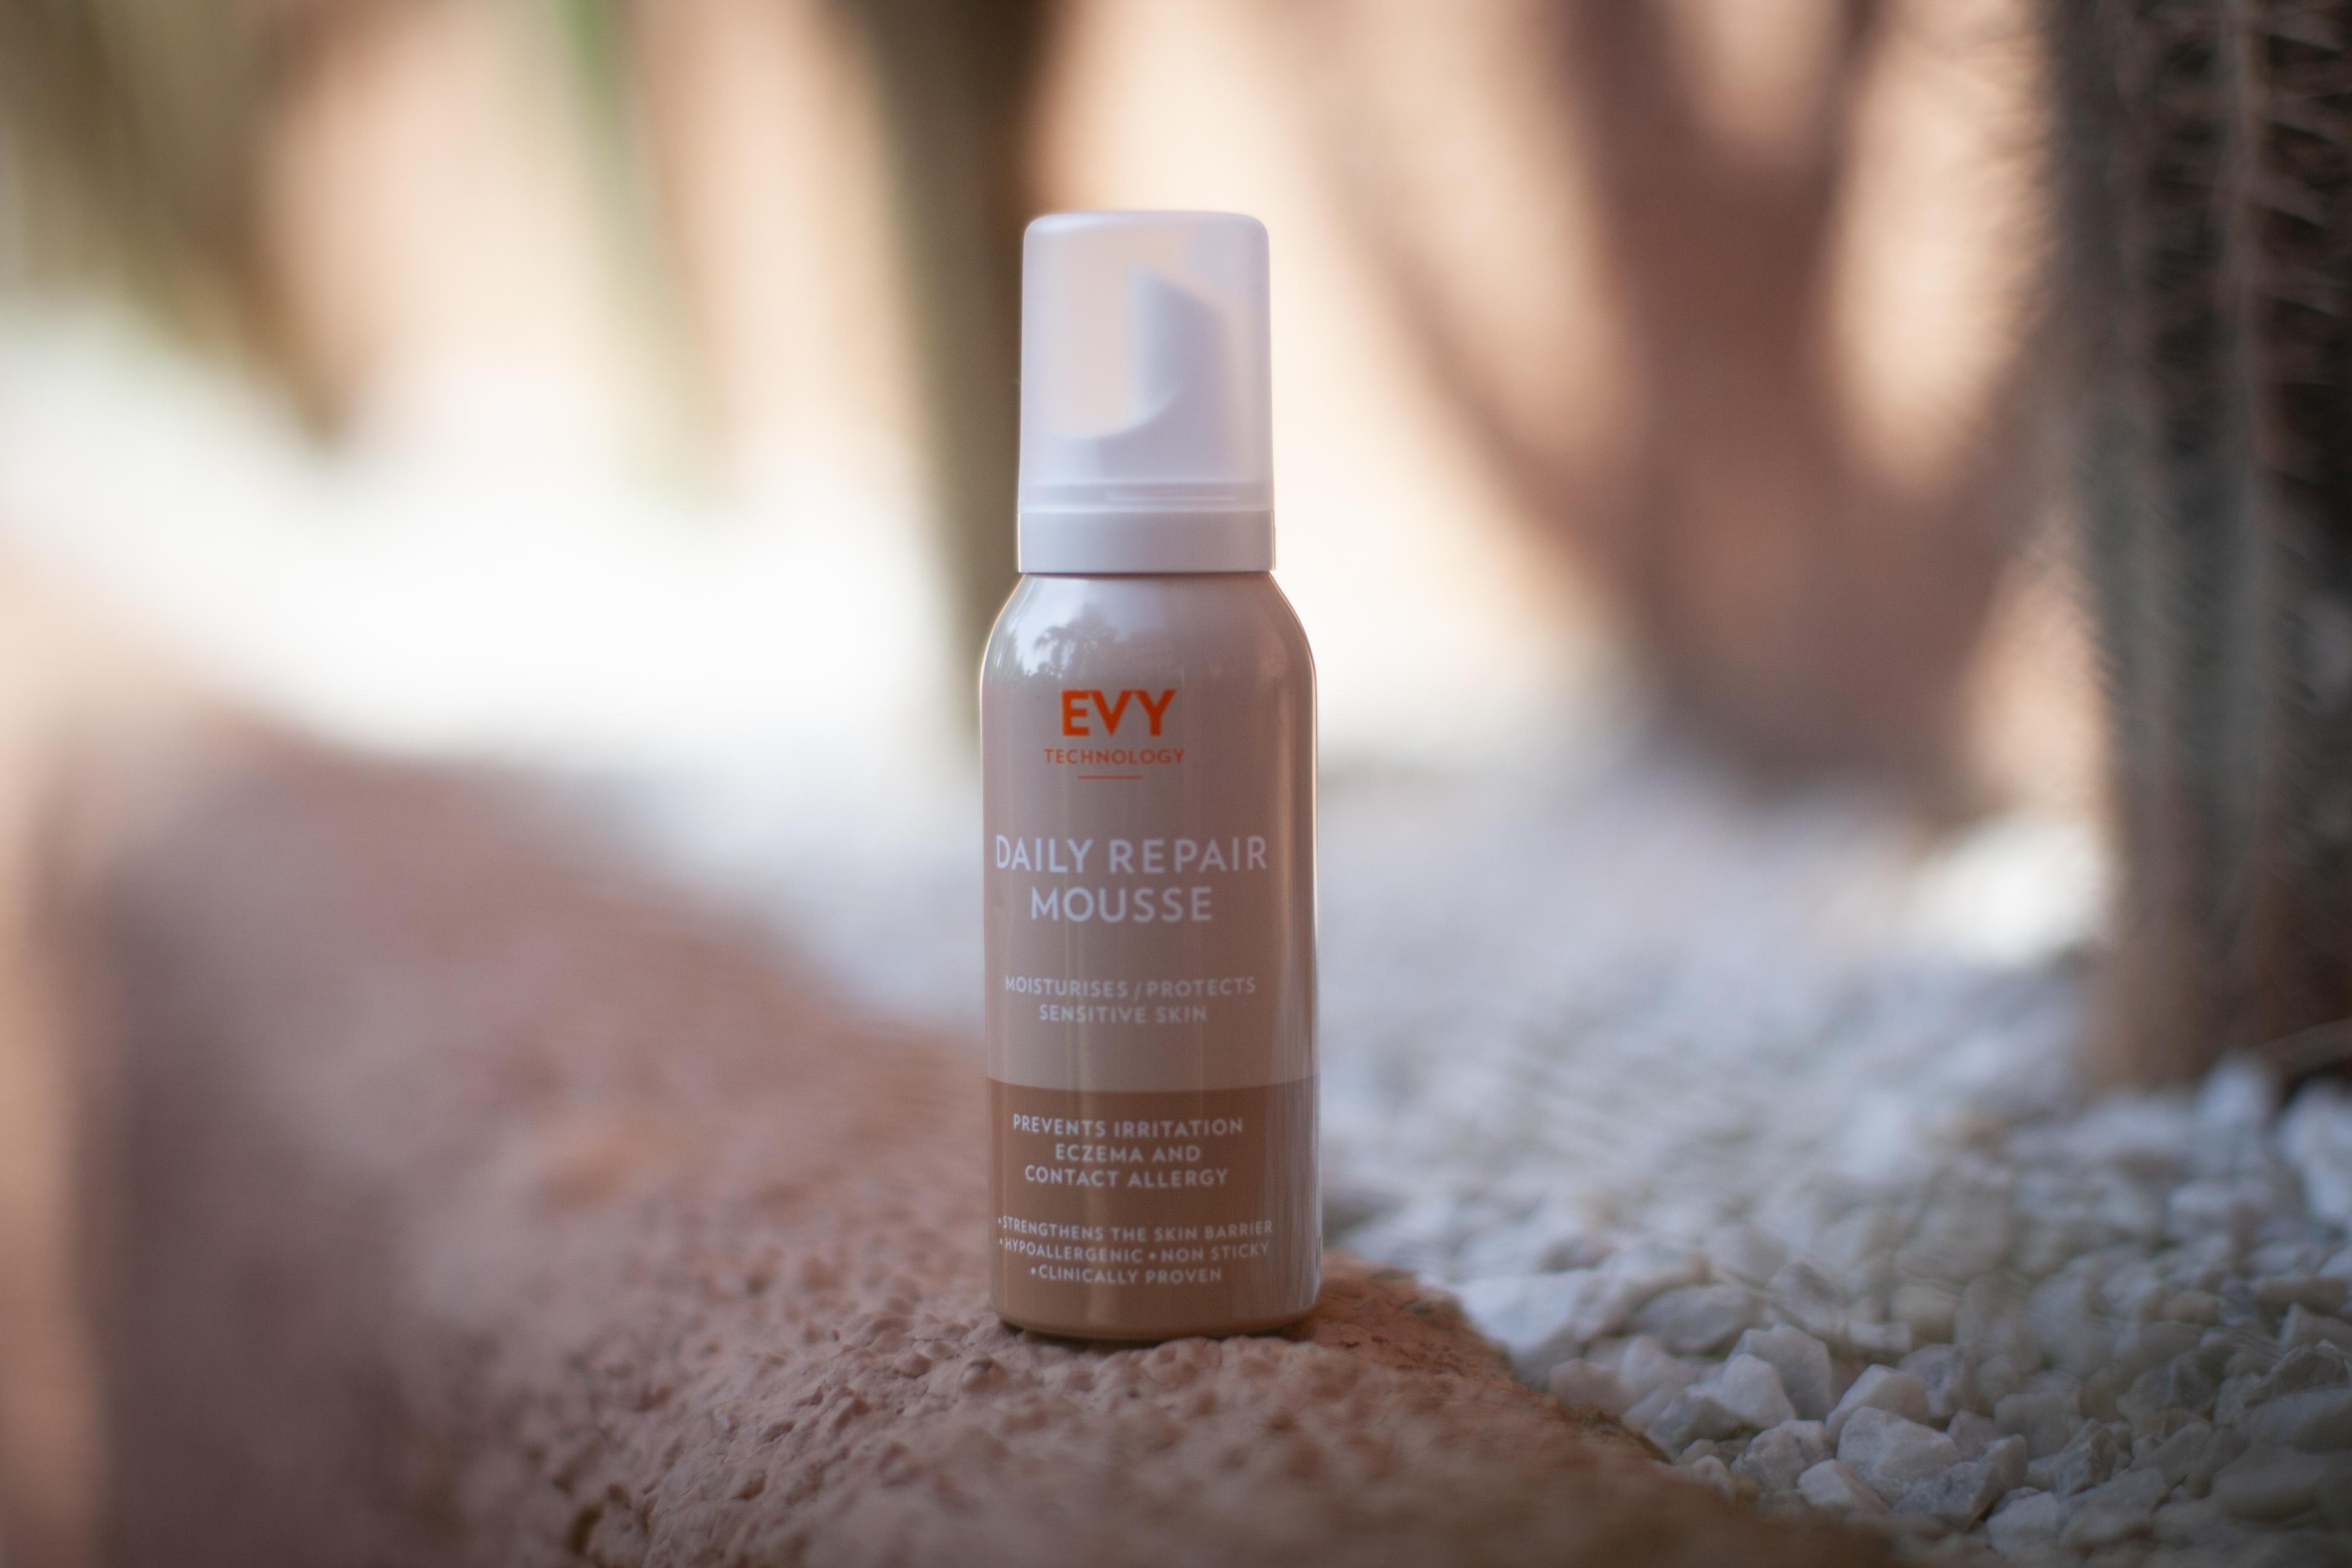 Svenska Evy Tecnologys senaste produkt använder en medicinskt beprövad teknik för att öka fuktighetsnivåerna i huden